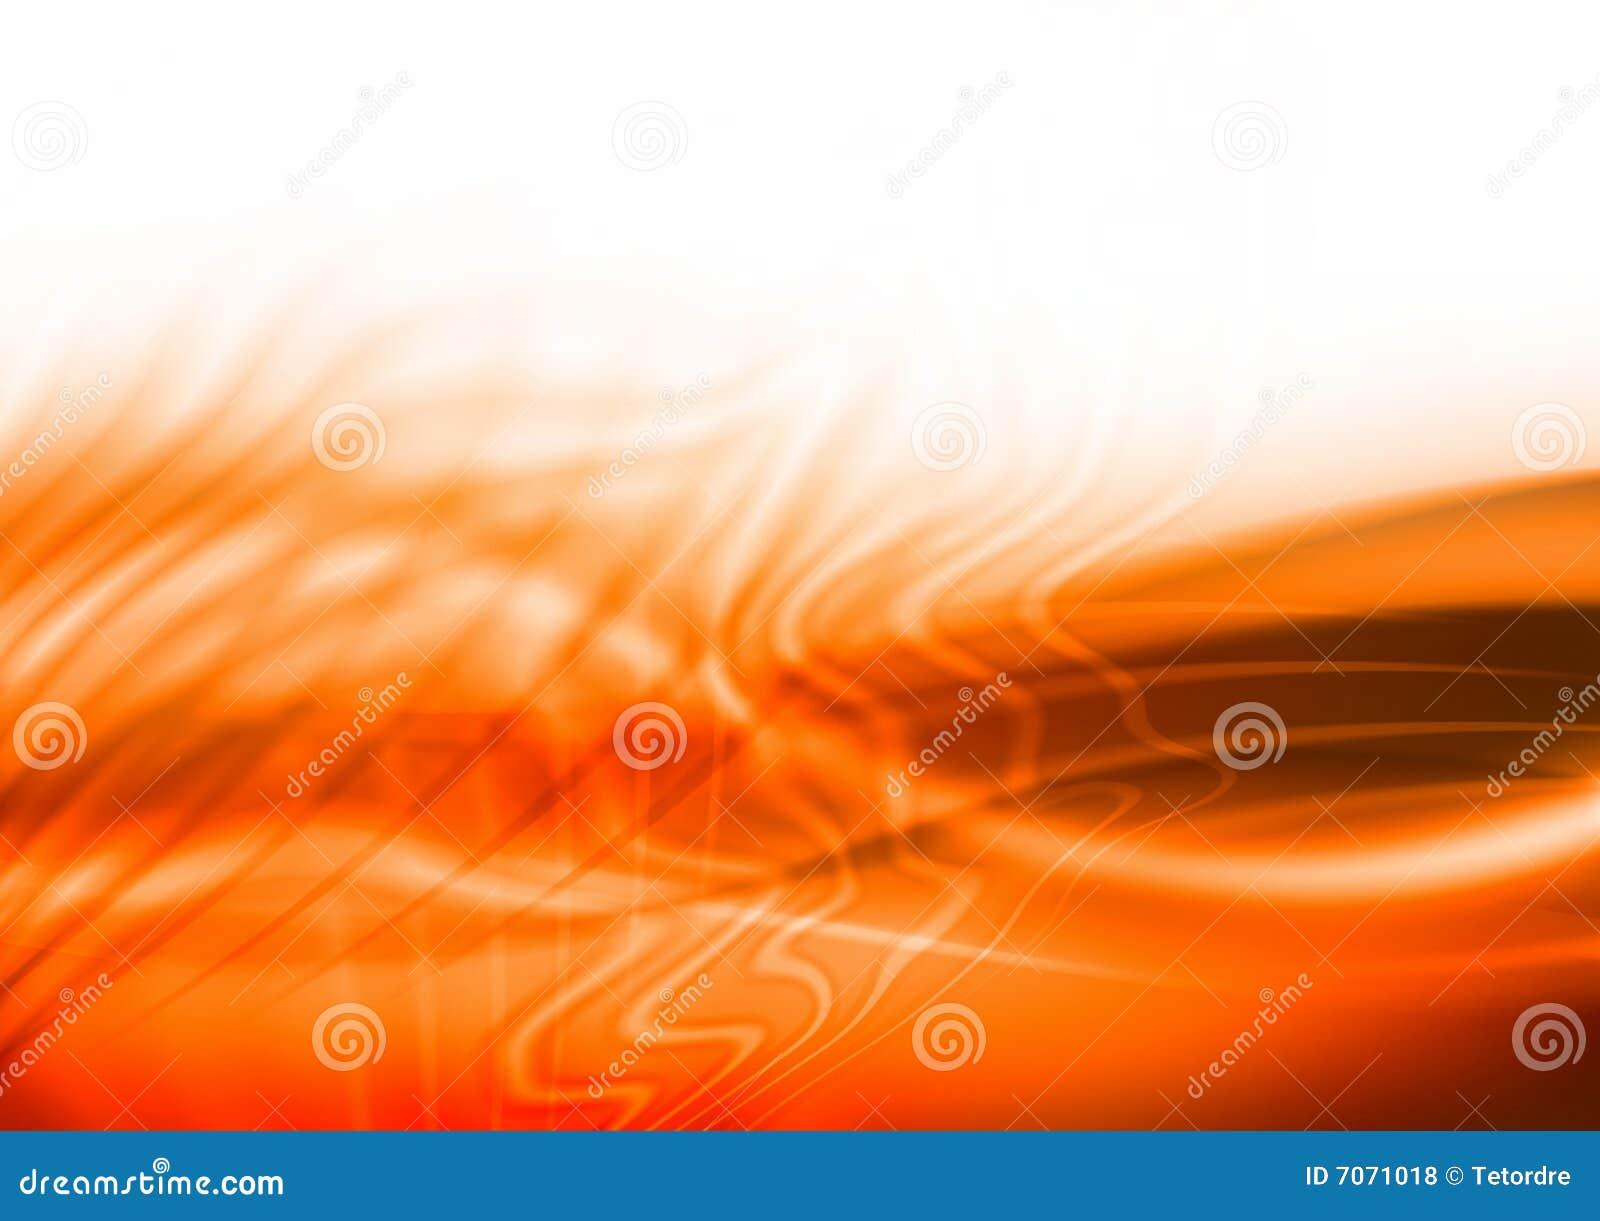 orange background free stock - photo #18